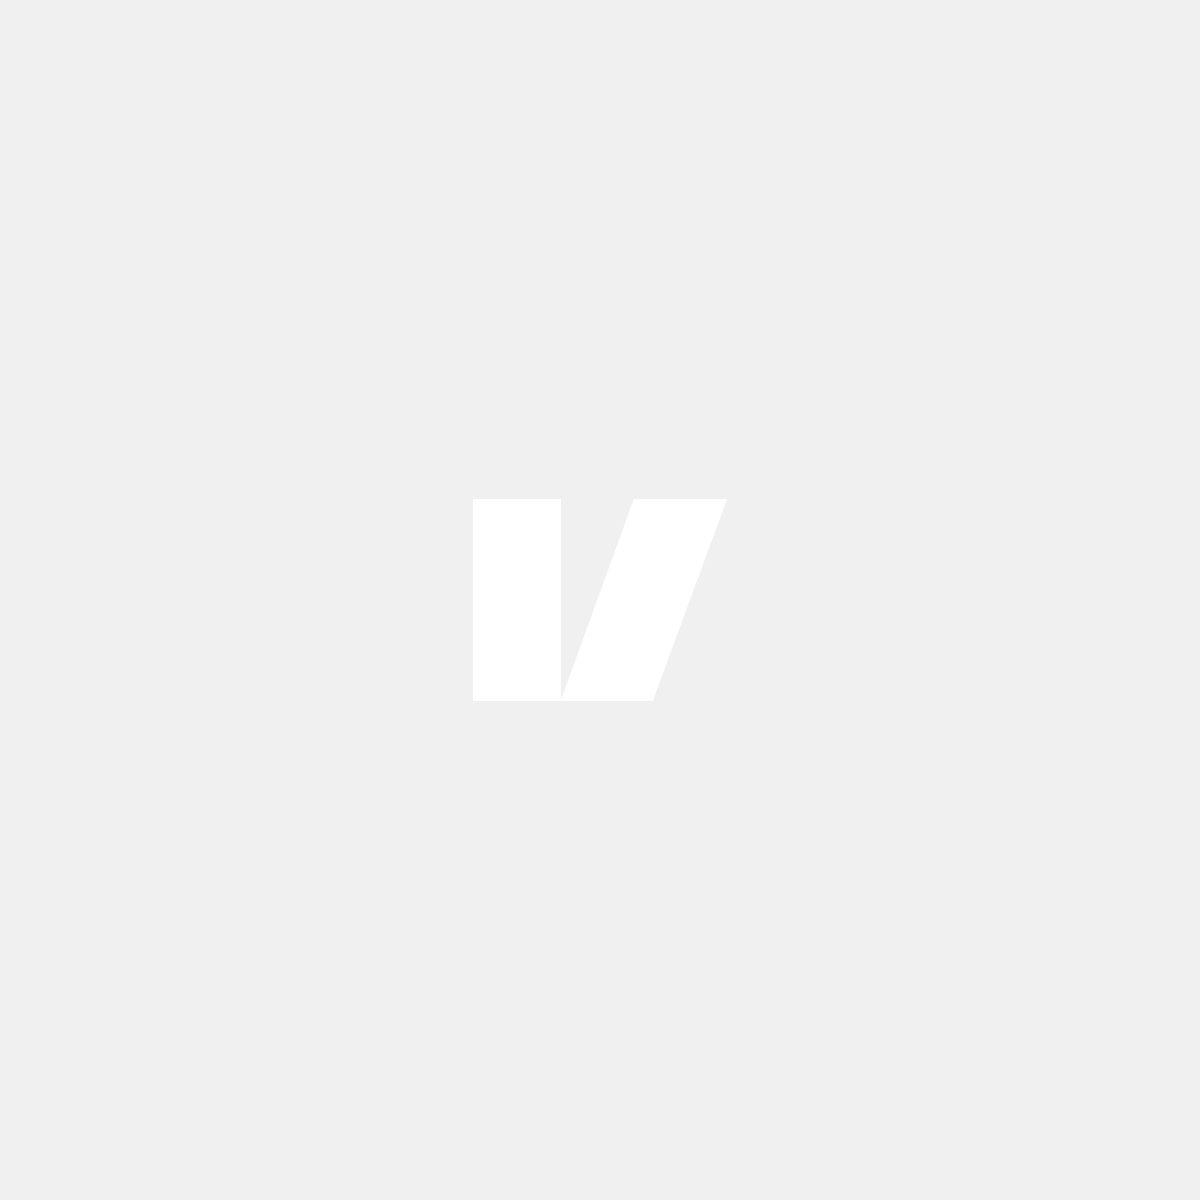 Sänkningssats till Volvo 855, V70, C70 40/40mm